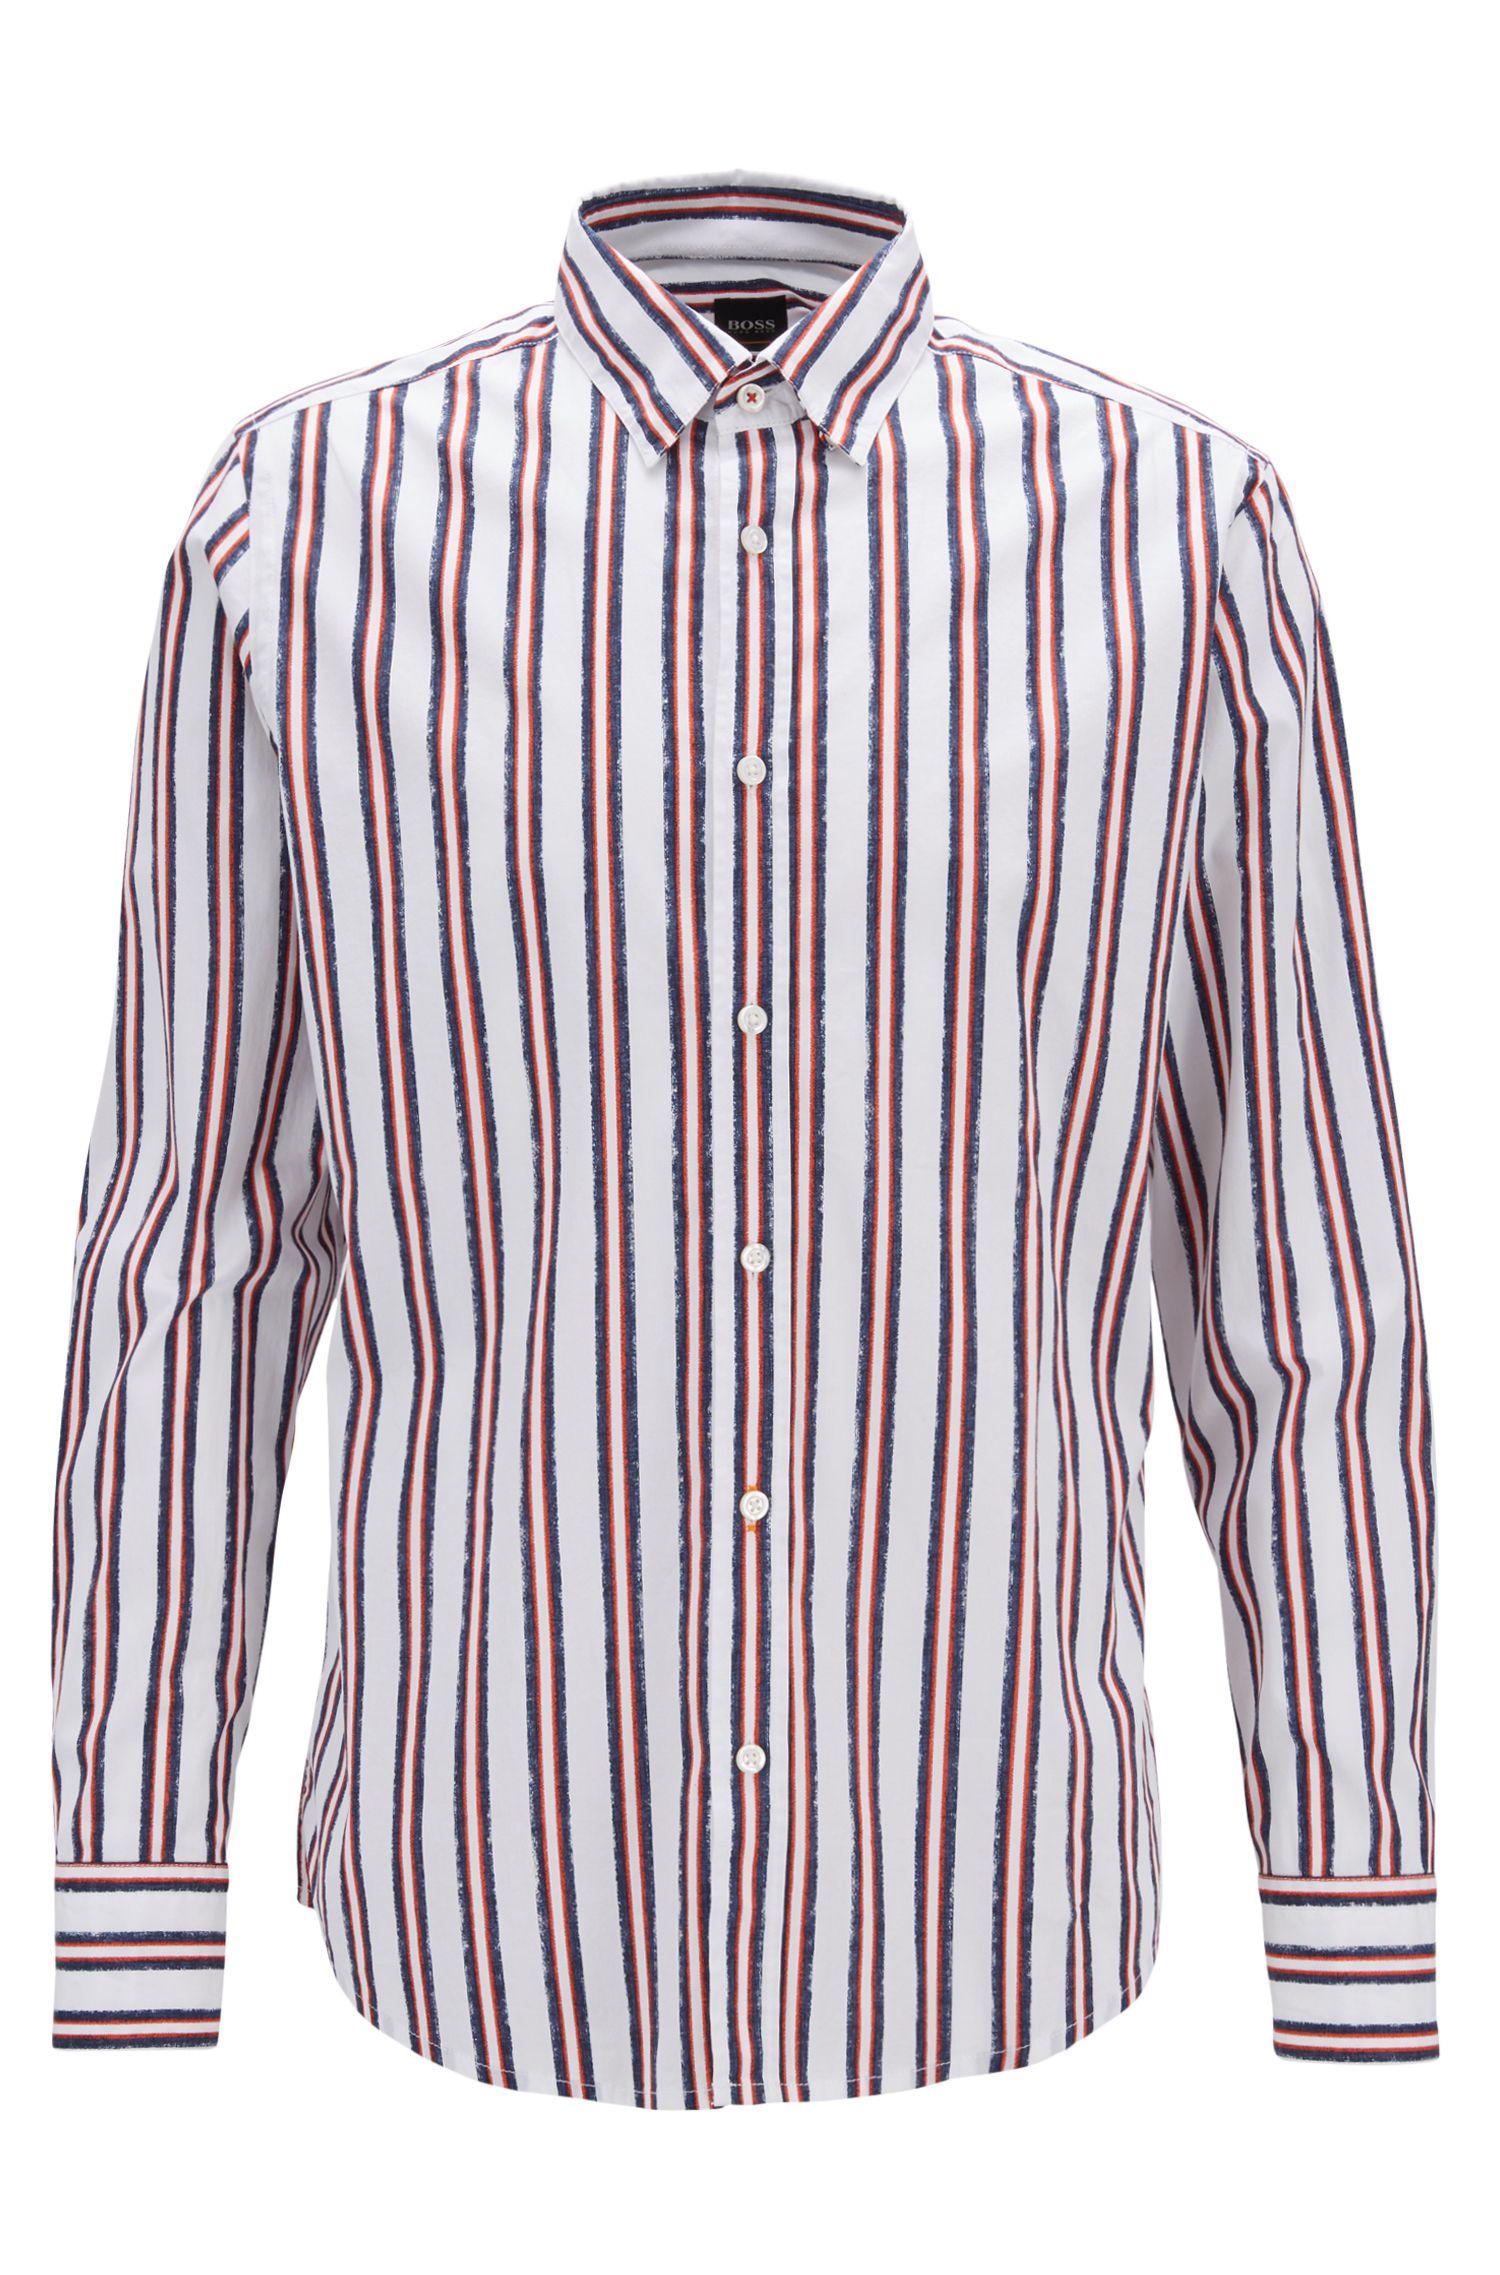 Camisa regular fit de algodón elástico con rayas estampadas, Naranja oscuro